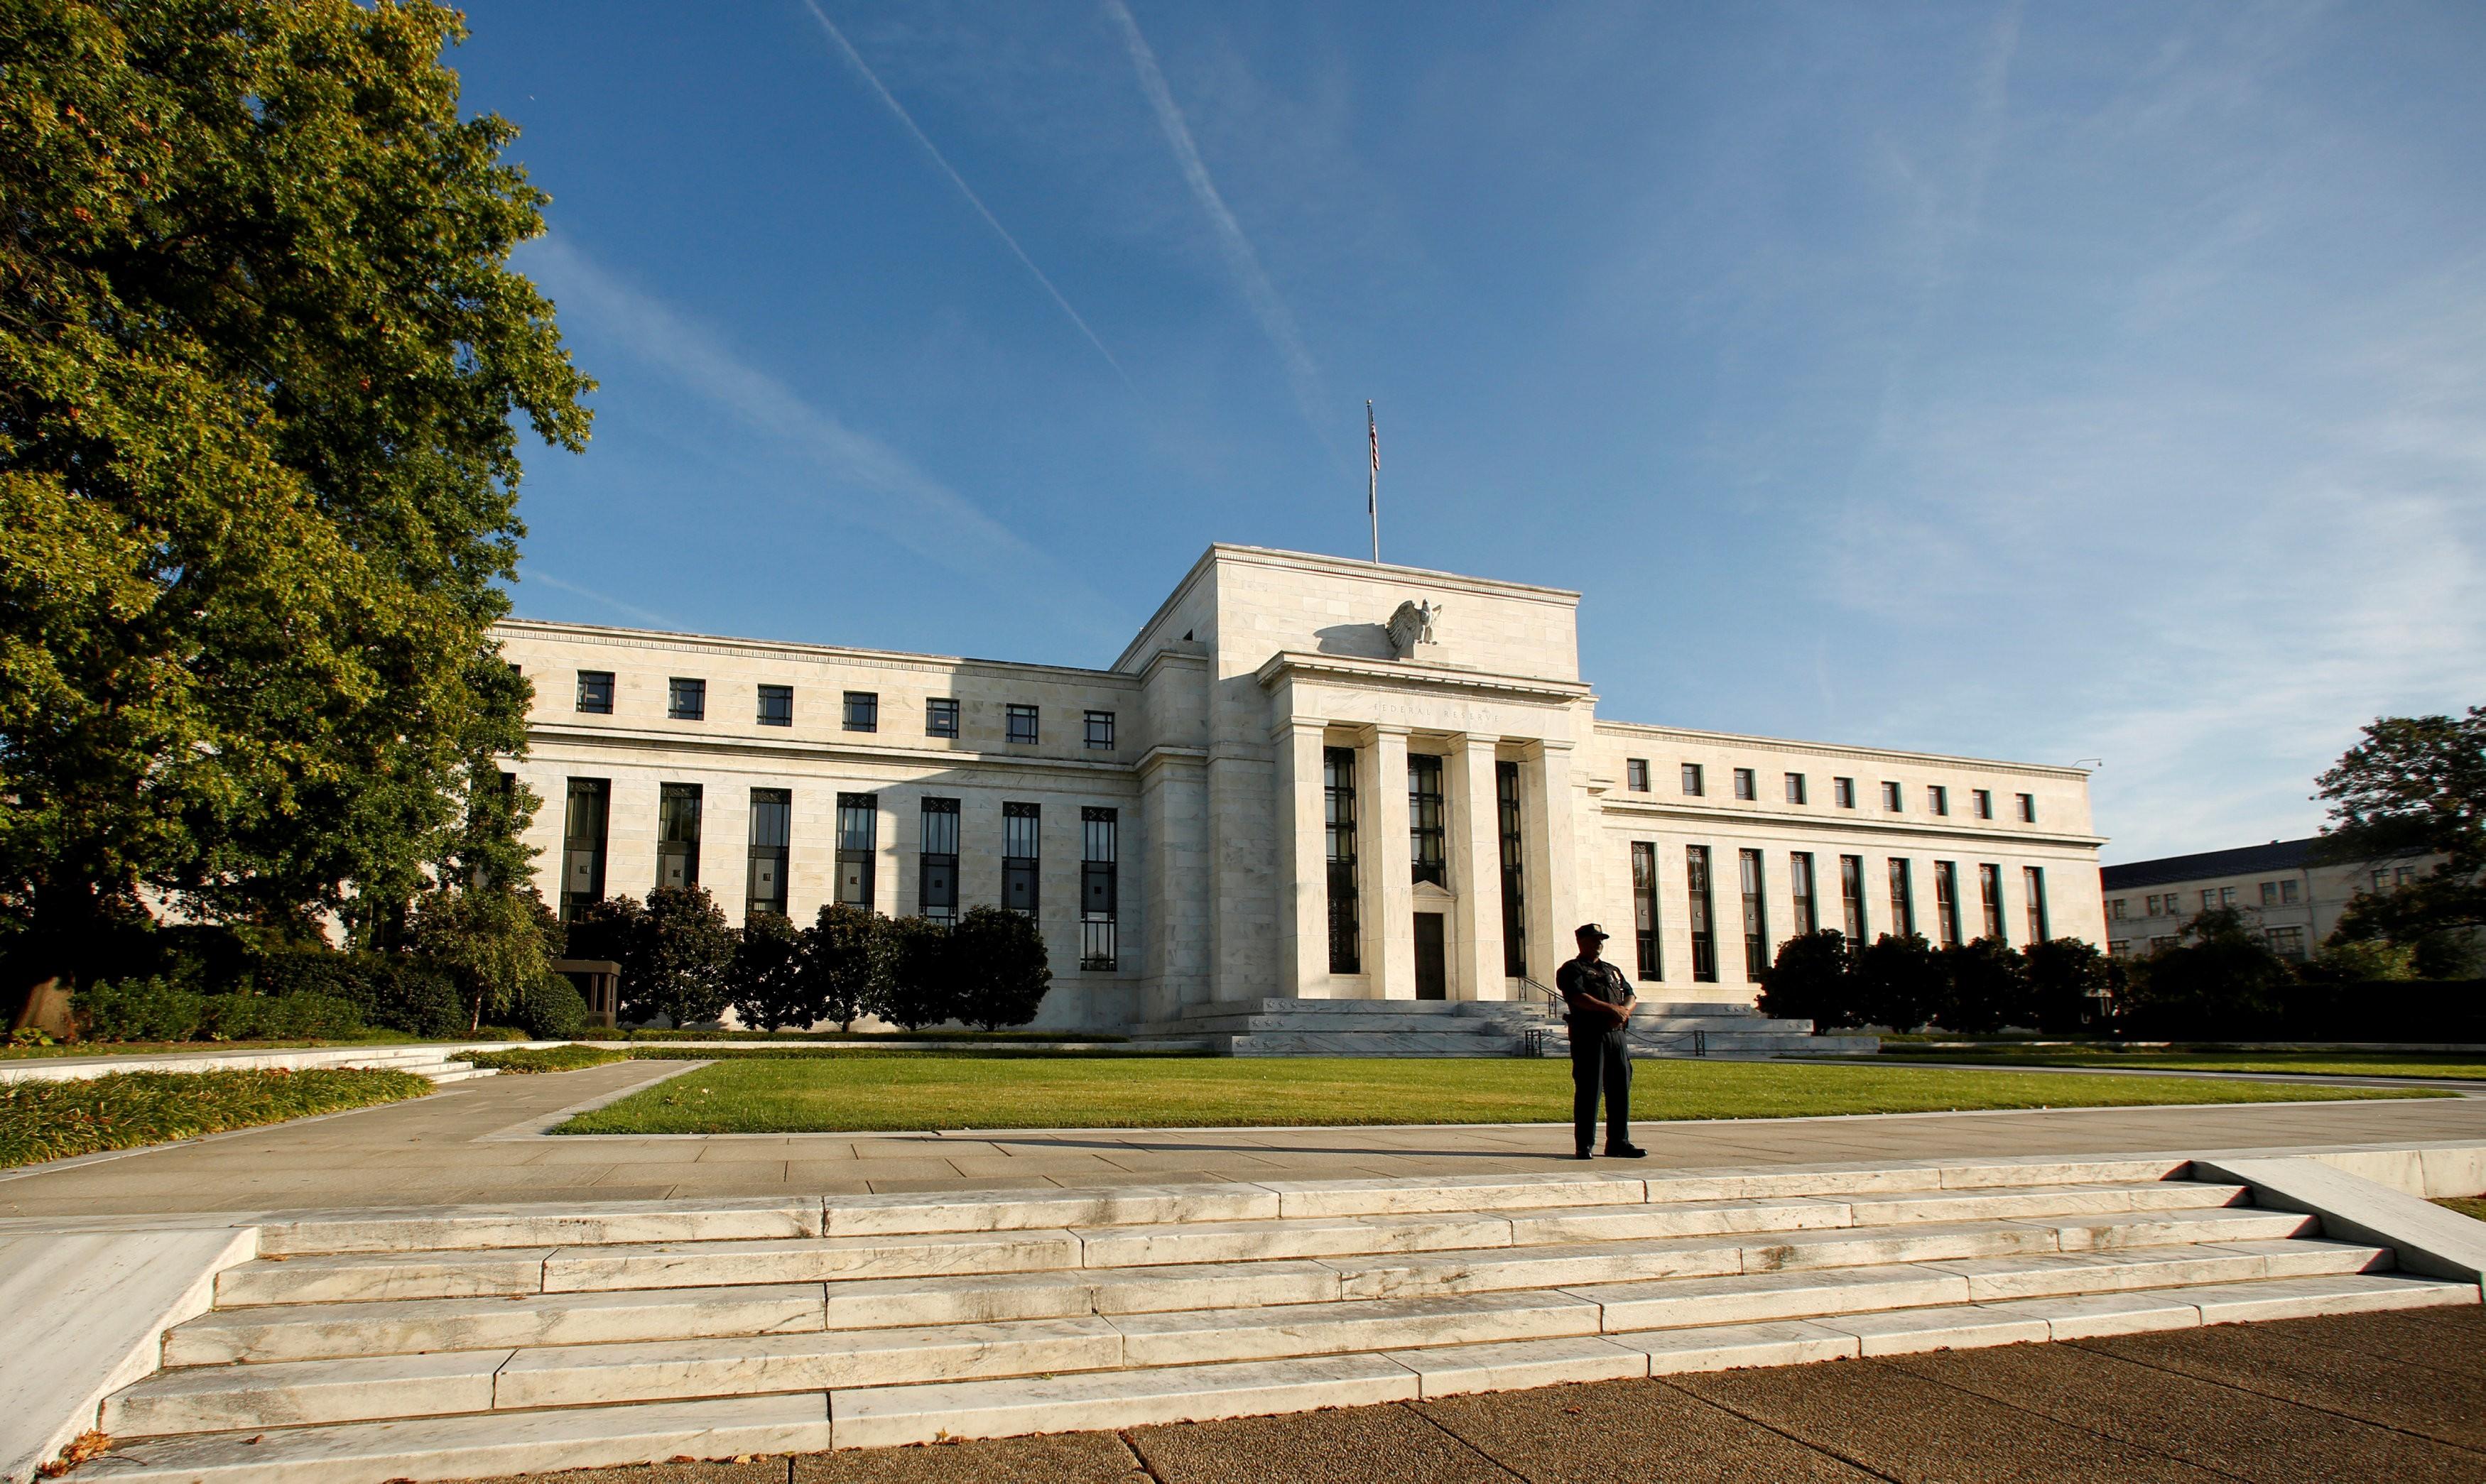 Dólar opera em queda, à espera do Fed - Noticias